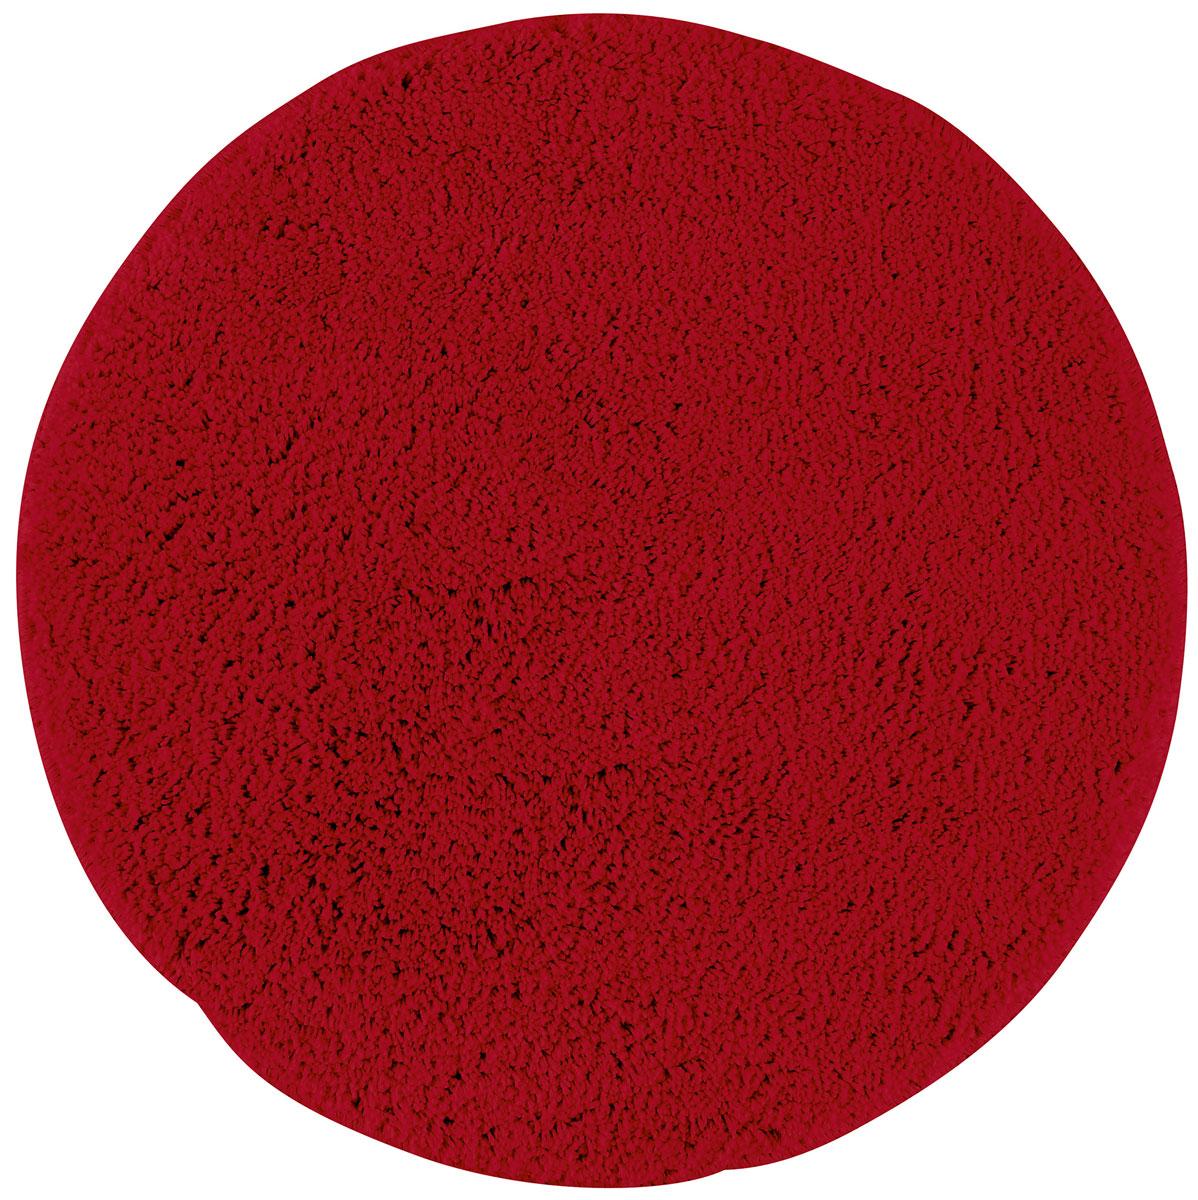 Коврик для ванной Axentia, противоскользящий, цвет: красный, диаметр 50 см116069Круглый коврик для ванной комнаты Axentia выполнен из высококачественной микрофибры. Противоскользящее основание изготовлено из термопластичной резины и подходит для полов с подогревом. Коврик стеганый, мягкий и приятный на ощупь, отлично впитывает влагу и быстро сохнет. Высокая износостойкость коврика и стойкость цвета позволит вам наслаждаться покупкой долгие годы. Можно стирать в стиральной машине. Диаметр коврика: 50 см. Высота ворса: 1,5 см.